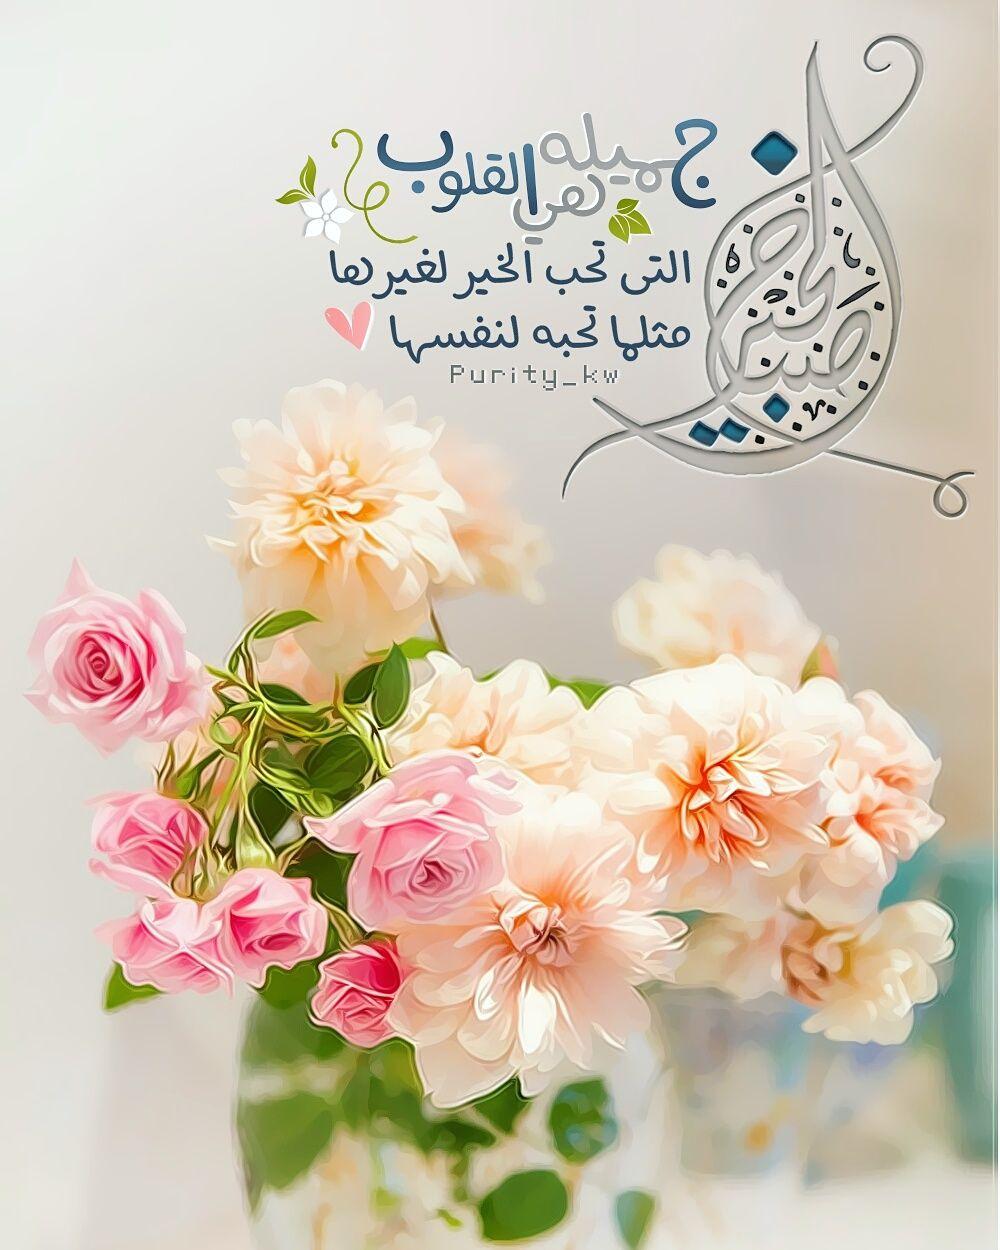 كويتية وكل ما انشره من تصميمي Good Morning Images Flowers Good Morning Wishes Morning Greeting